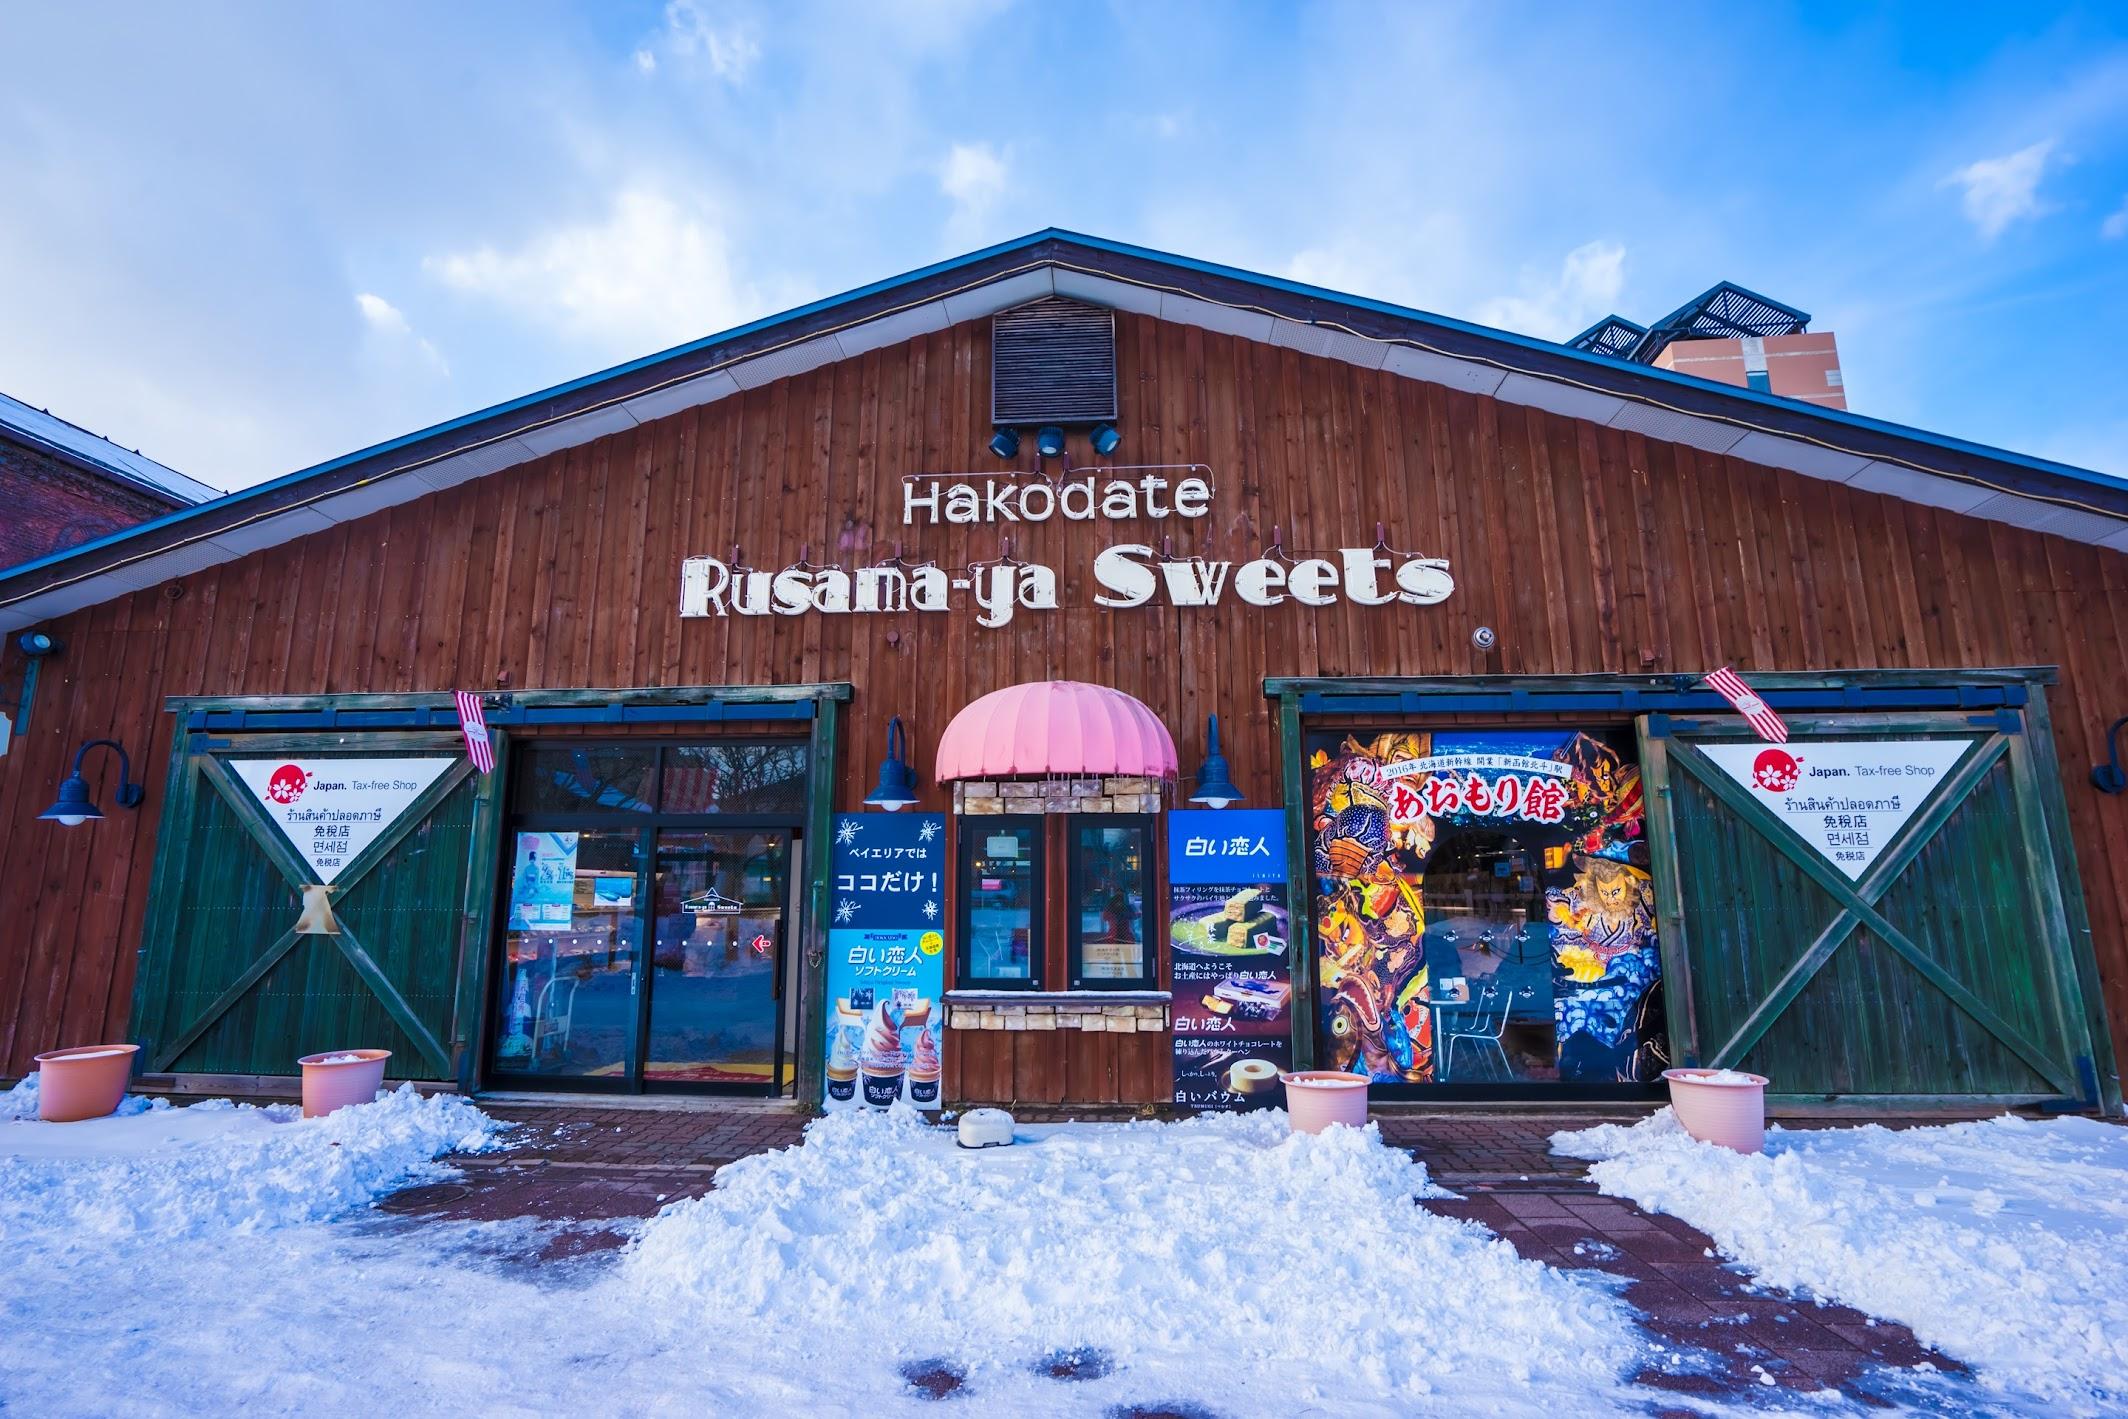 Hakodate Bay area Rusama-ya Sweets